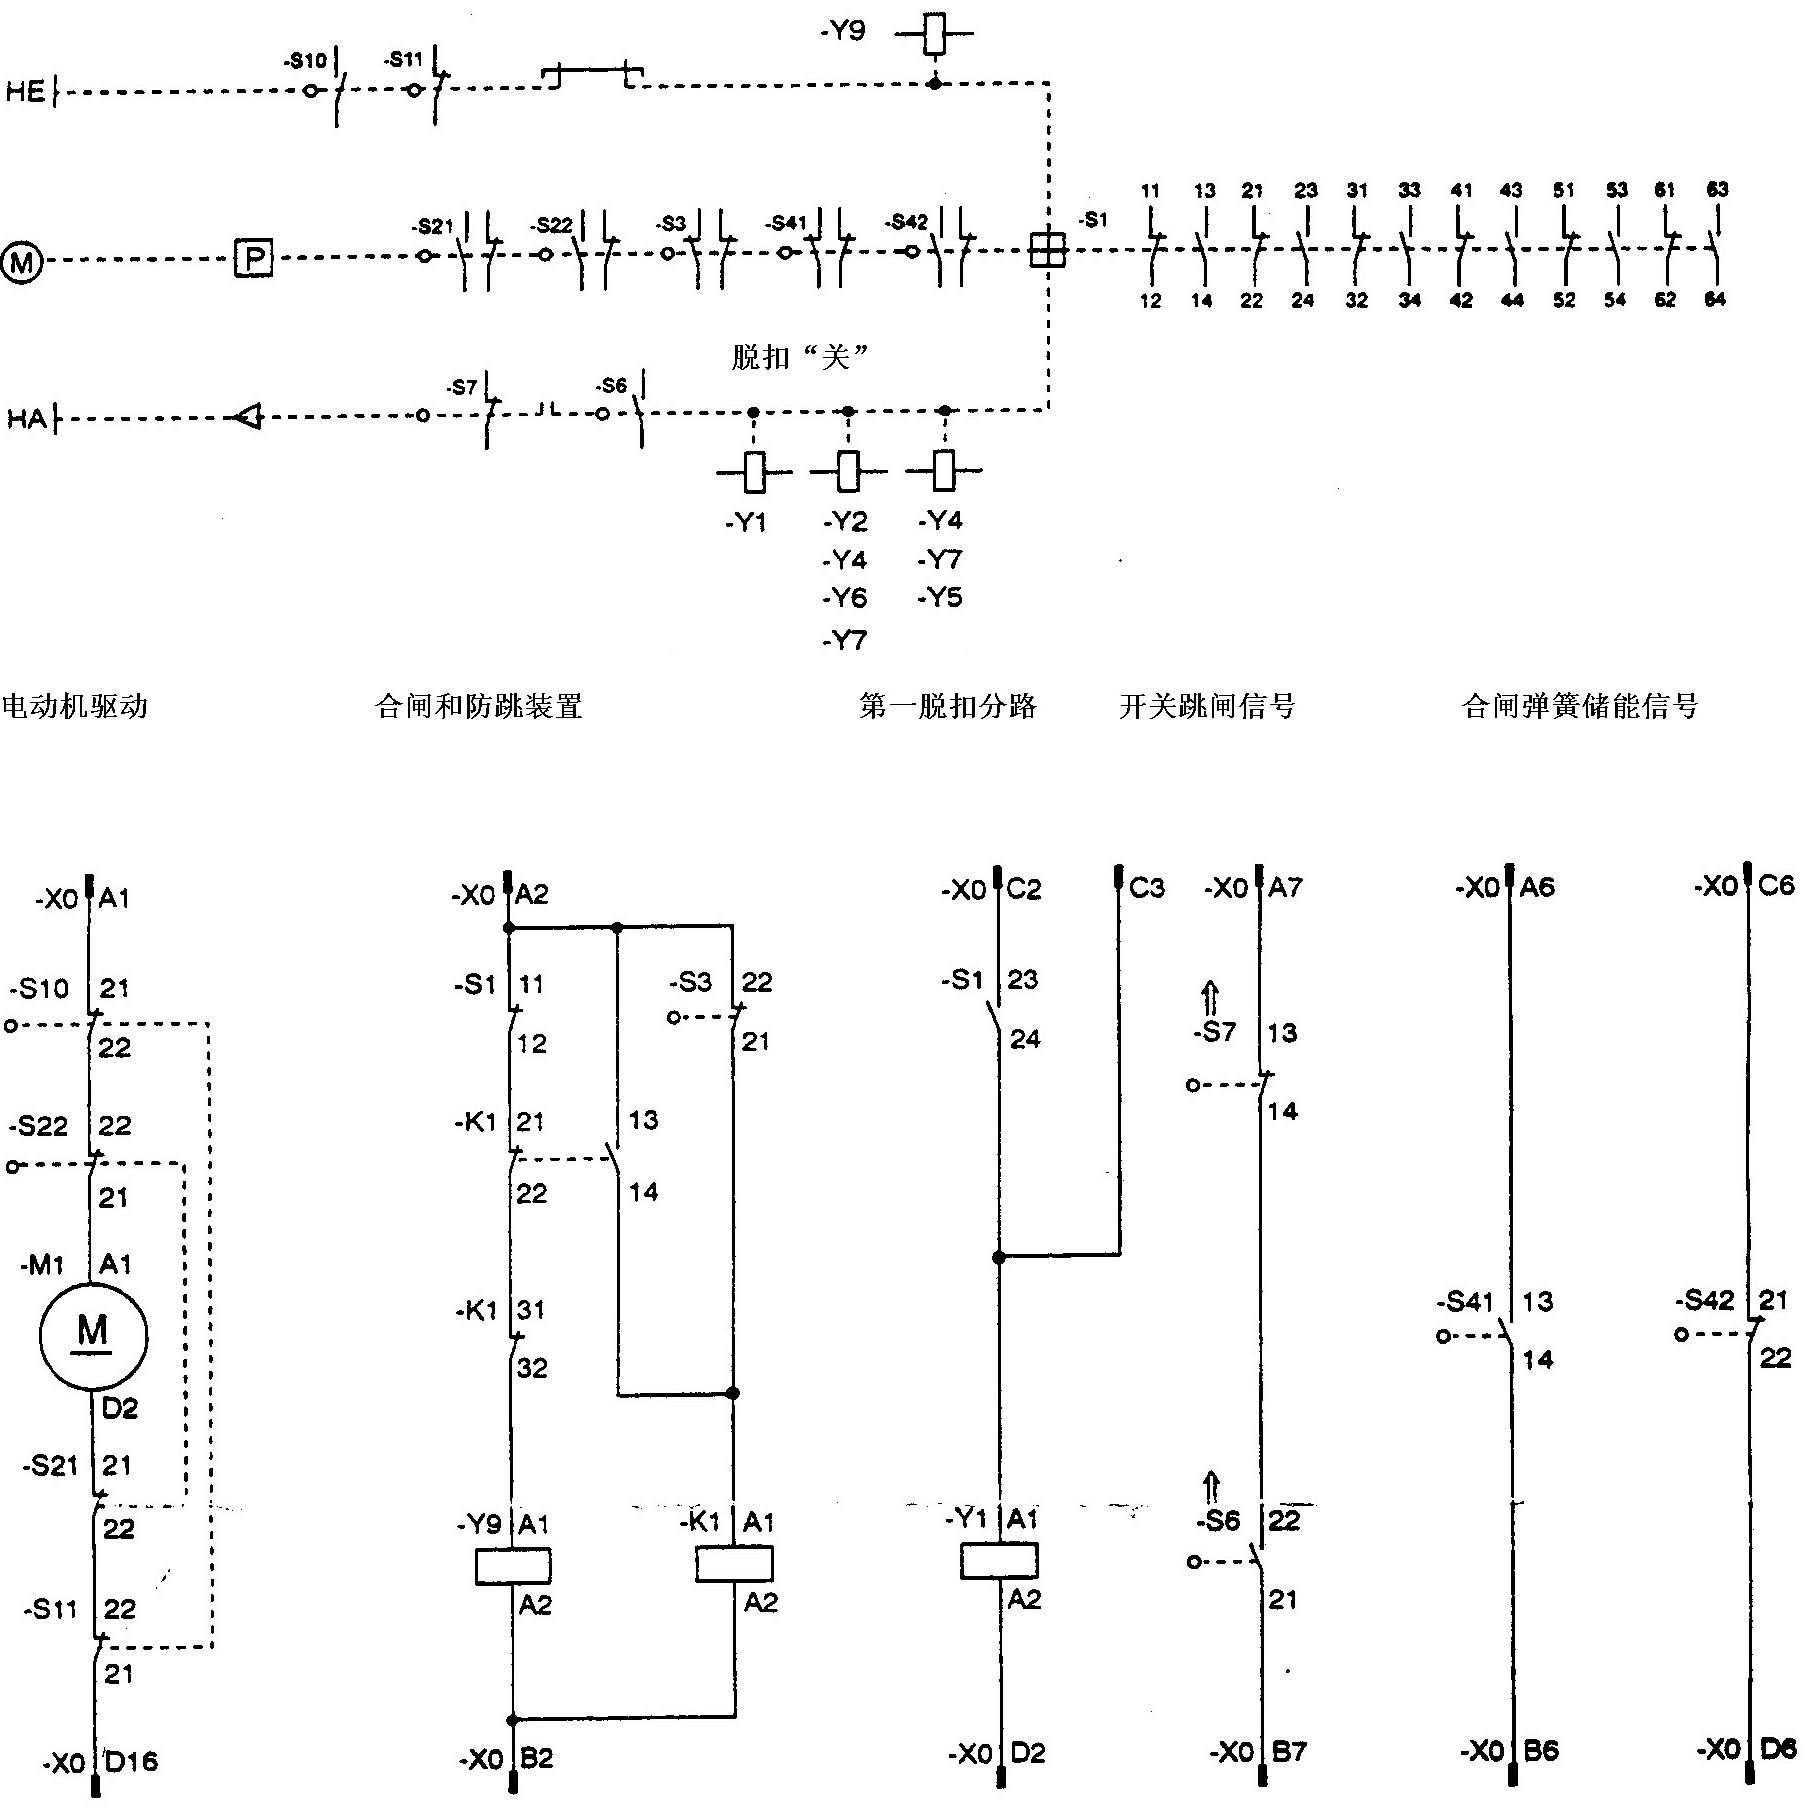 文章摘要:这里是源创电气,那么下面我们就针对这些来讲解一下,源创电气西门子源创电气真空断路器的作用,以及用途到底是什么,这里是源创电气为大家讲解的基础知识,大家可以看考一下的。 源创电气西门子3AH3 源创电气真空断路器 技术参数: 品牌:源创电气西门子 这里是源创电气,那么下面我们就针对这些来讲解一下,源创电气西门子源创电气真空断路器的作用,以及用途到底是什么,这里是源创电气为大家讲解的基础知识,大家可以看考一下的。 源创电气西门子3AH3源创电气真空断路器技术参数: 品牌:源创电气西门子源创电气真空断